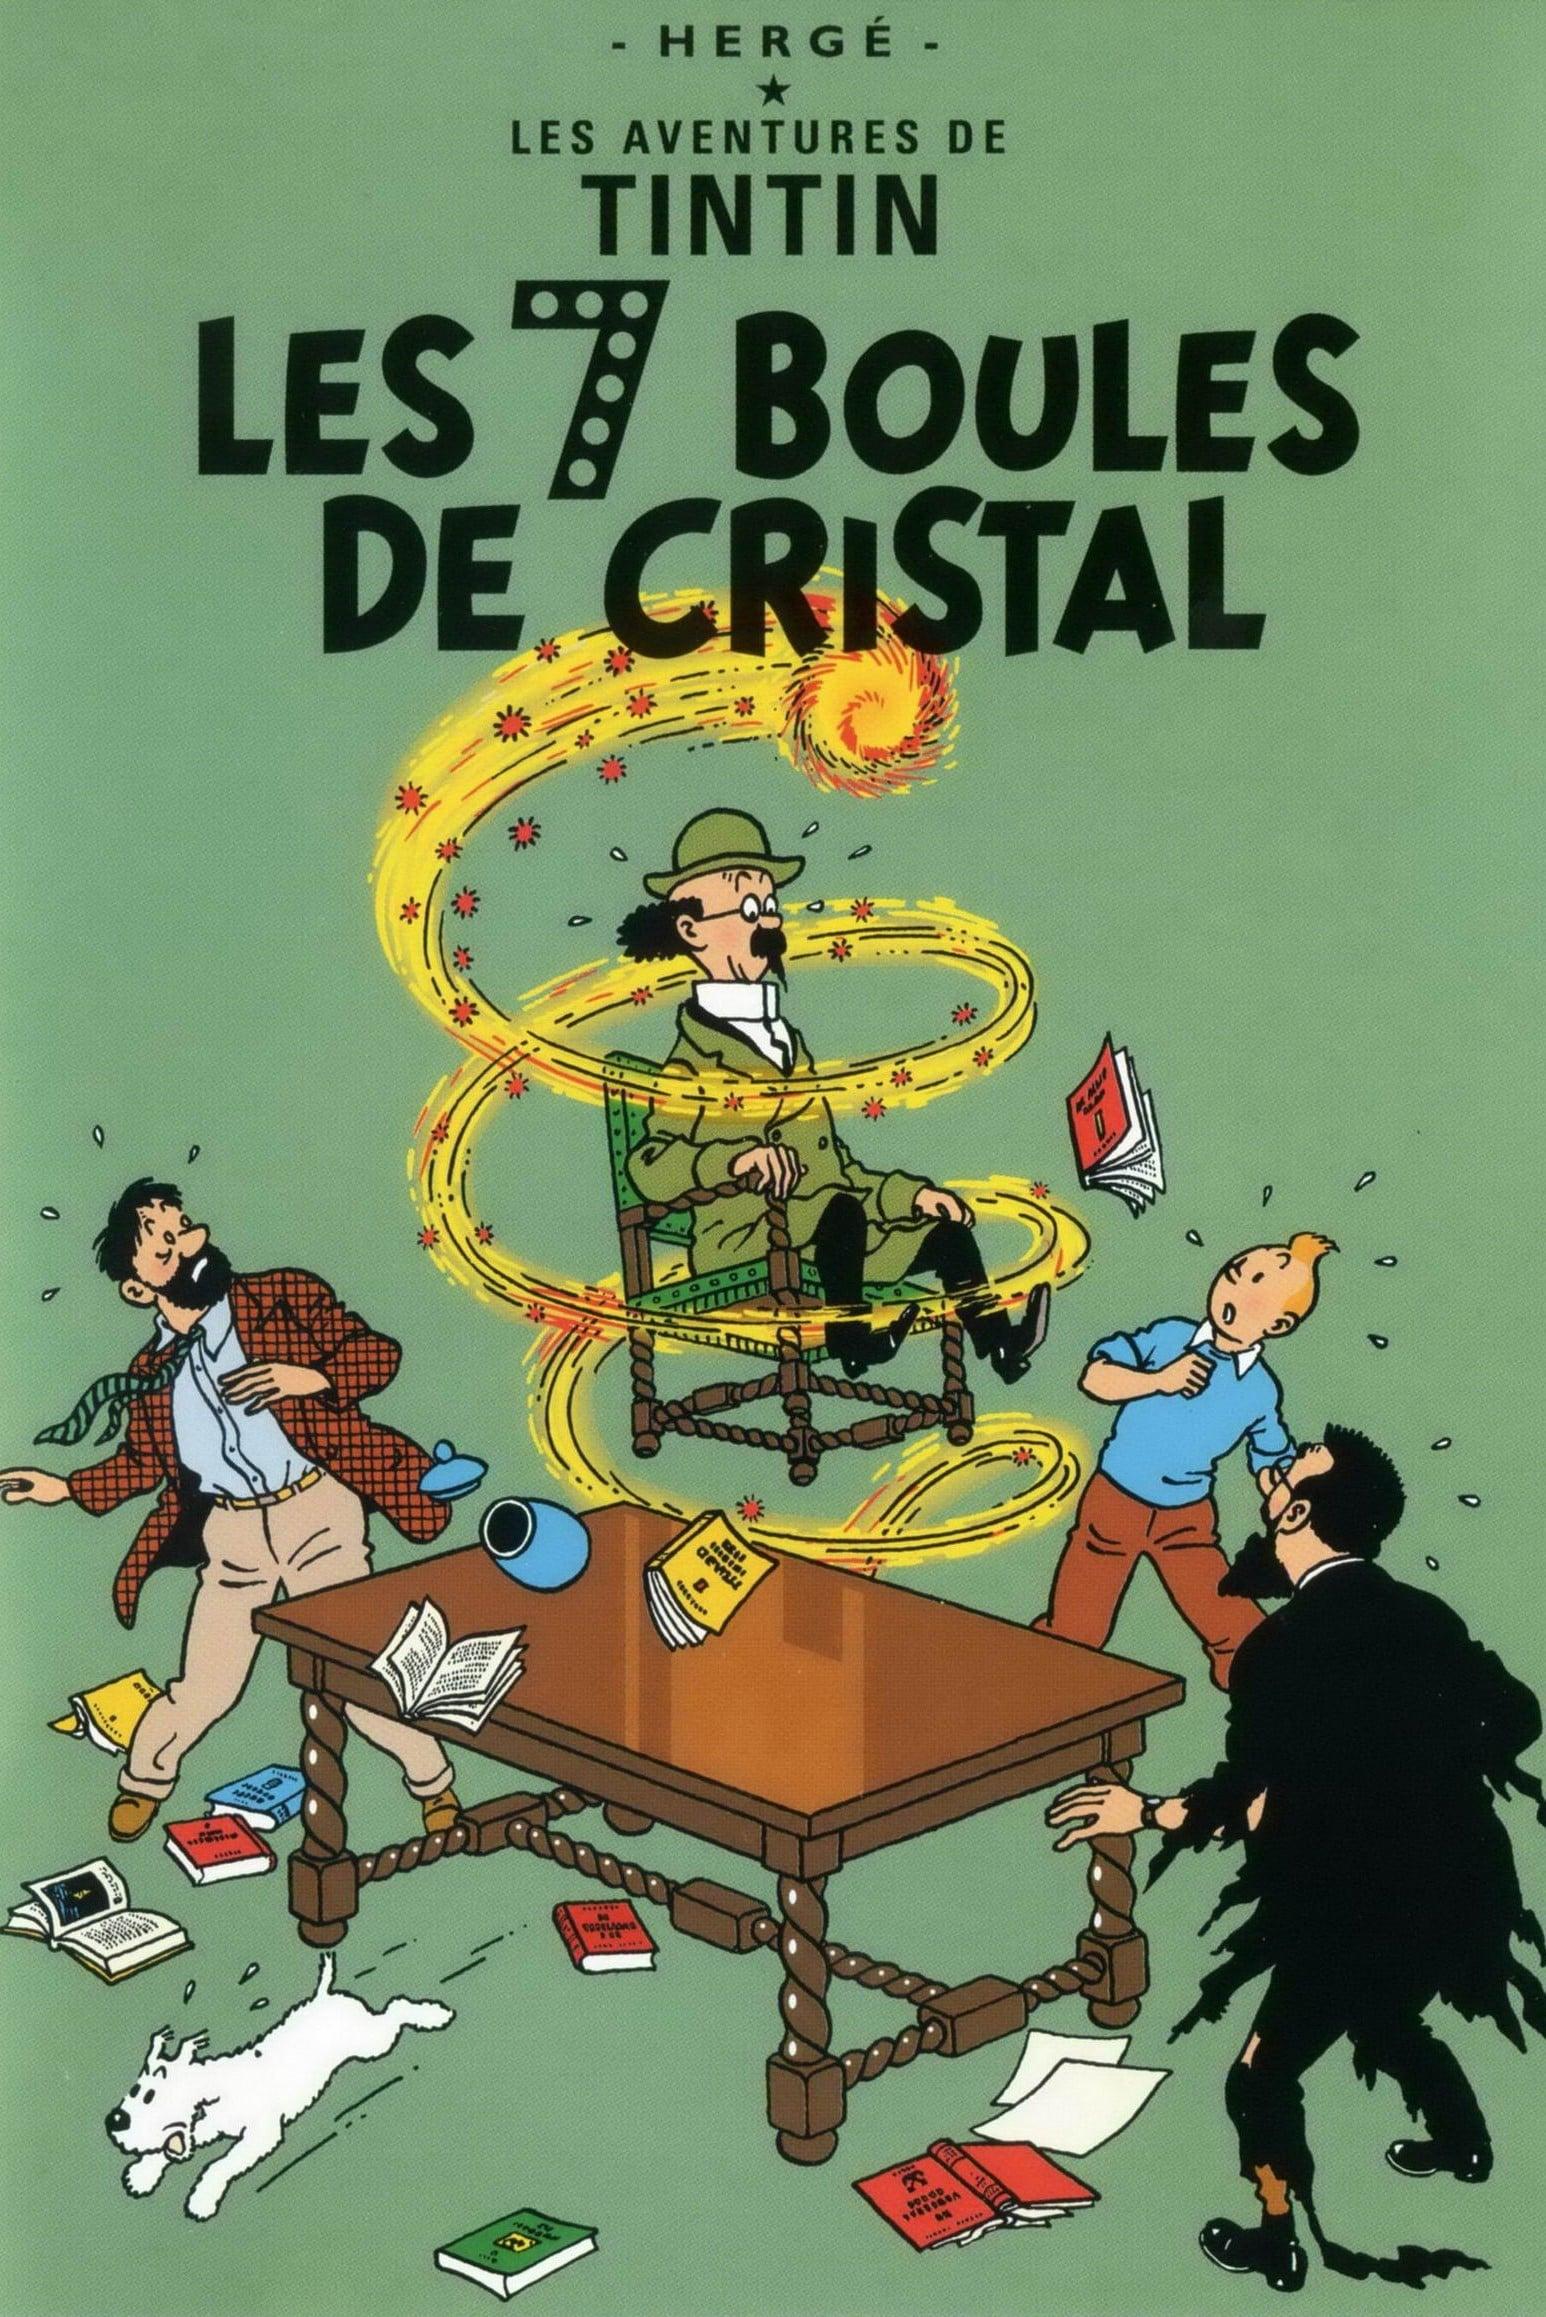 Les Aventures De Tintin 11 Les Sept Boules De Crystal - 1992